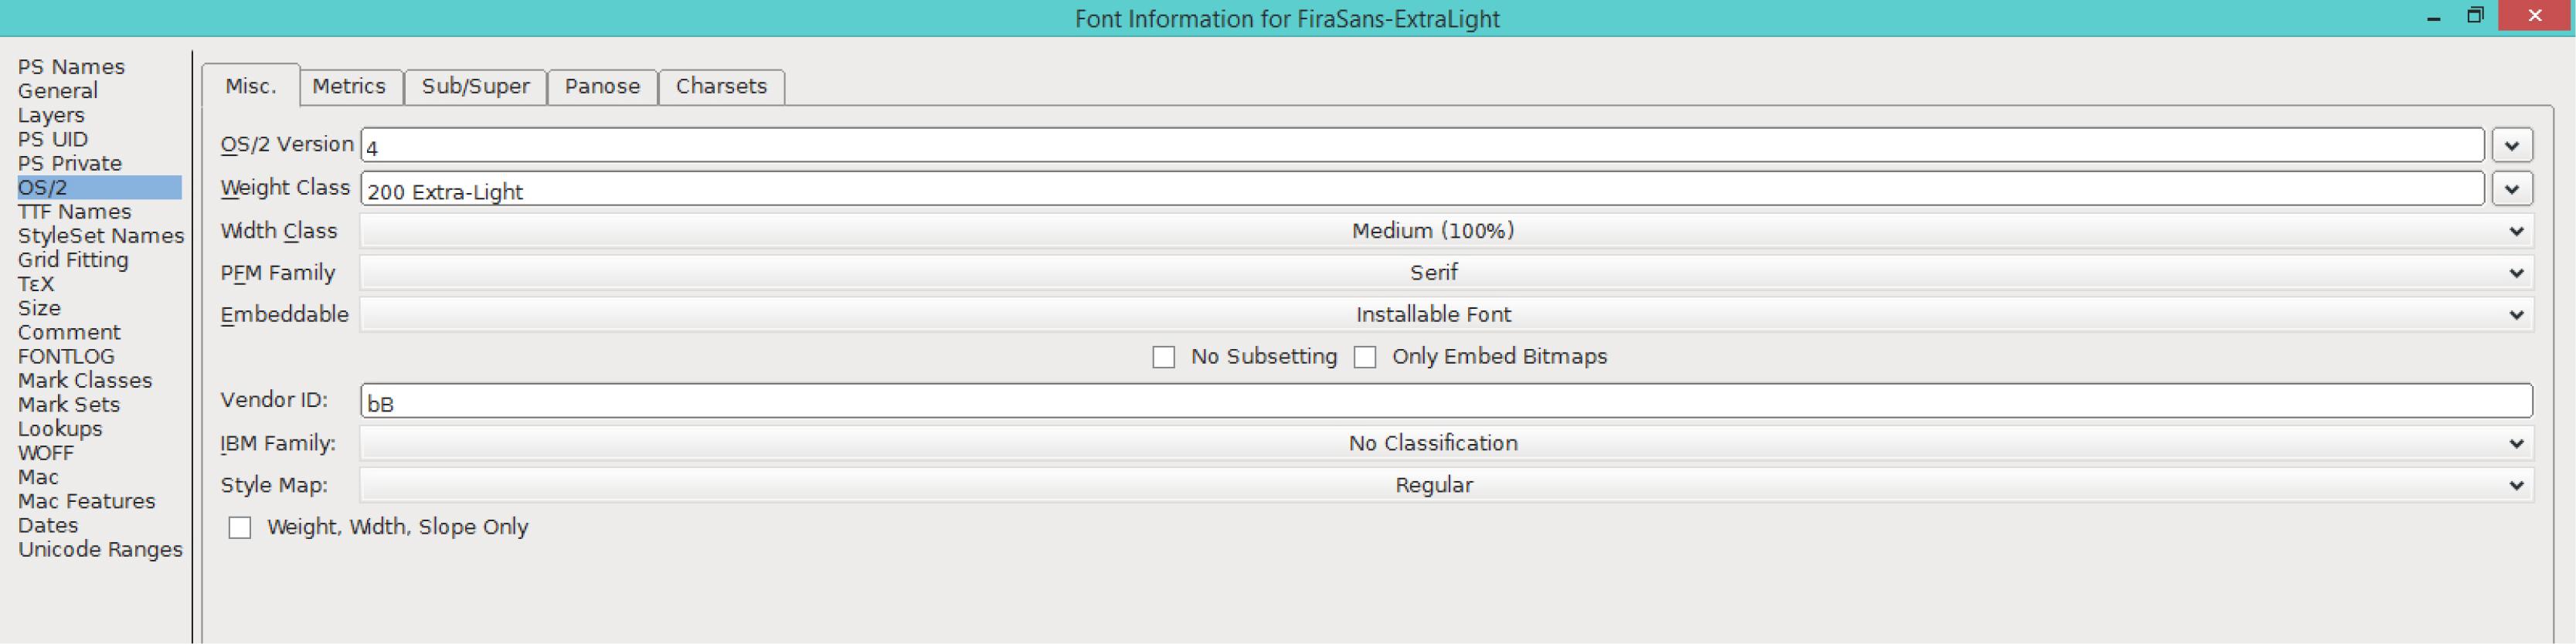 Fira Sans ExtraLight (OS/2)